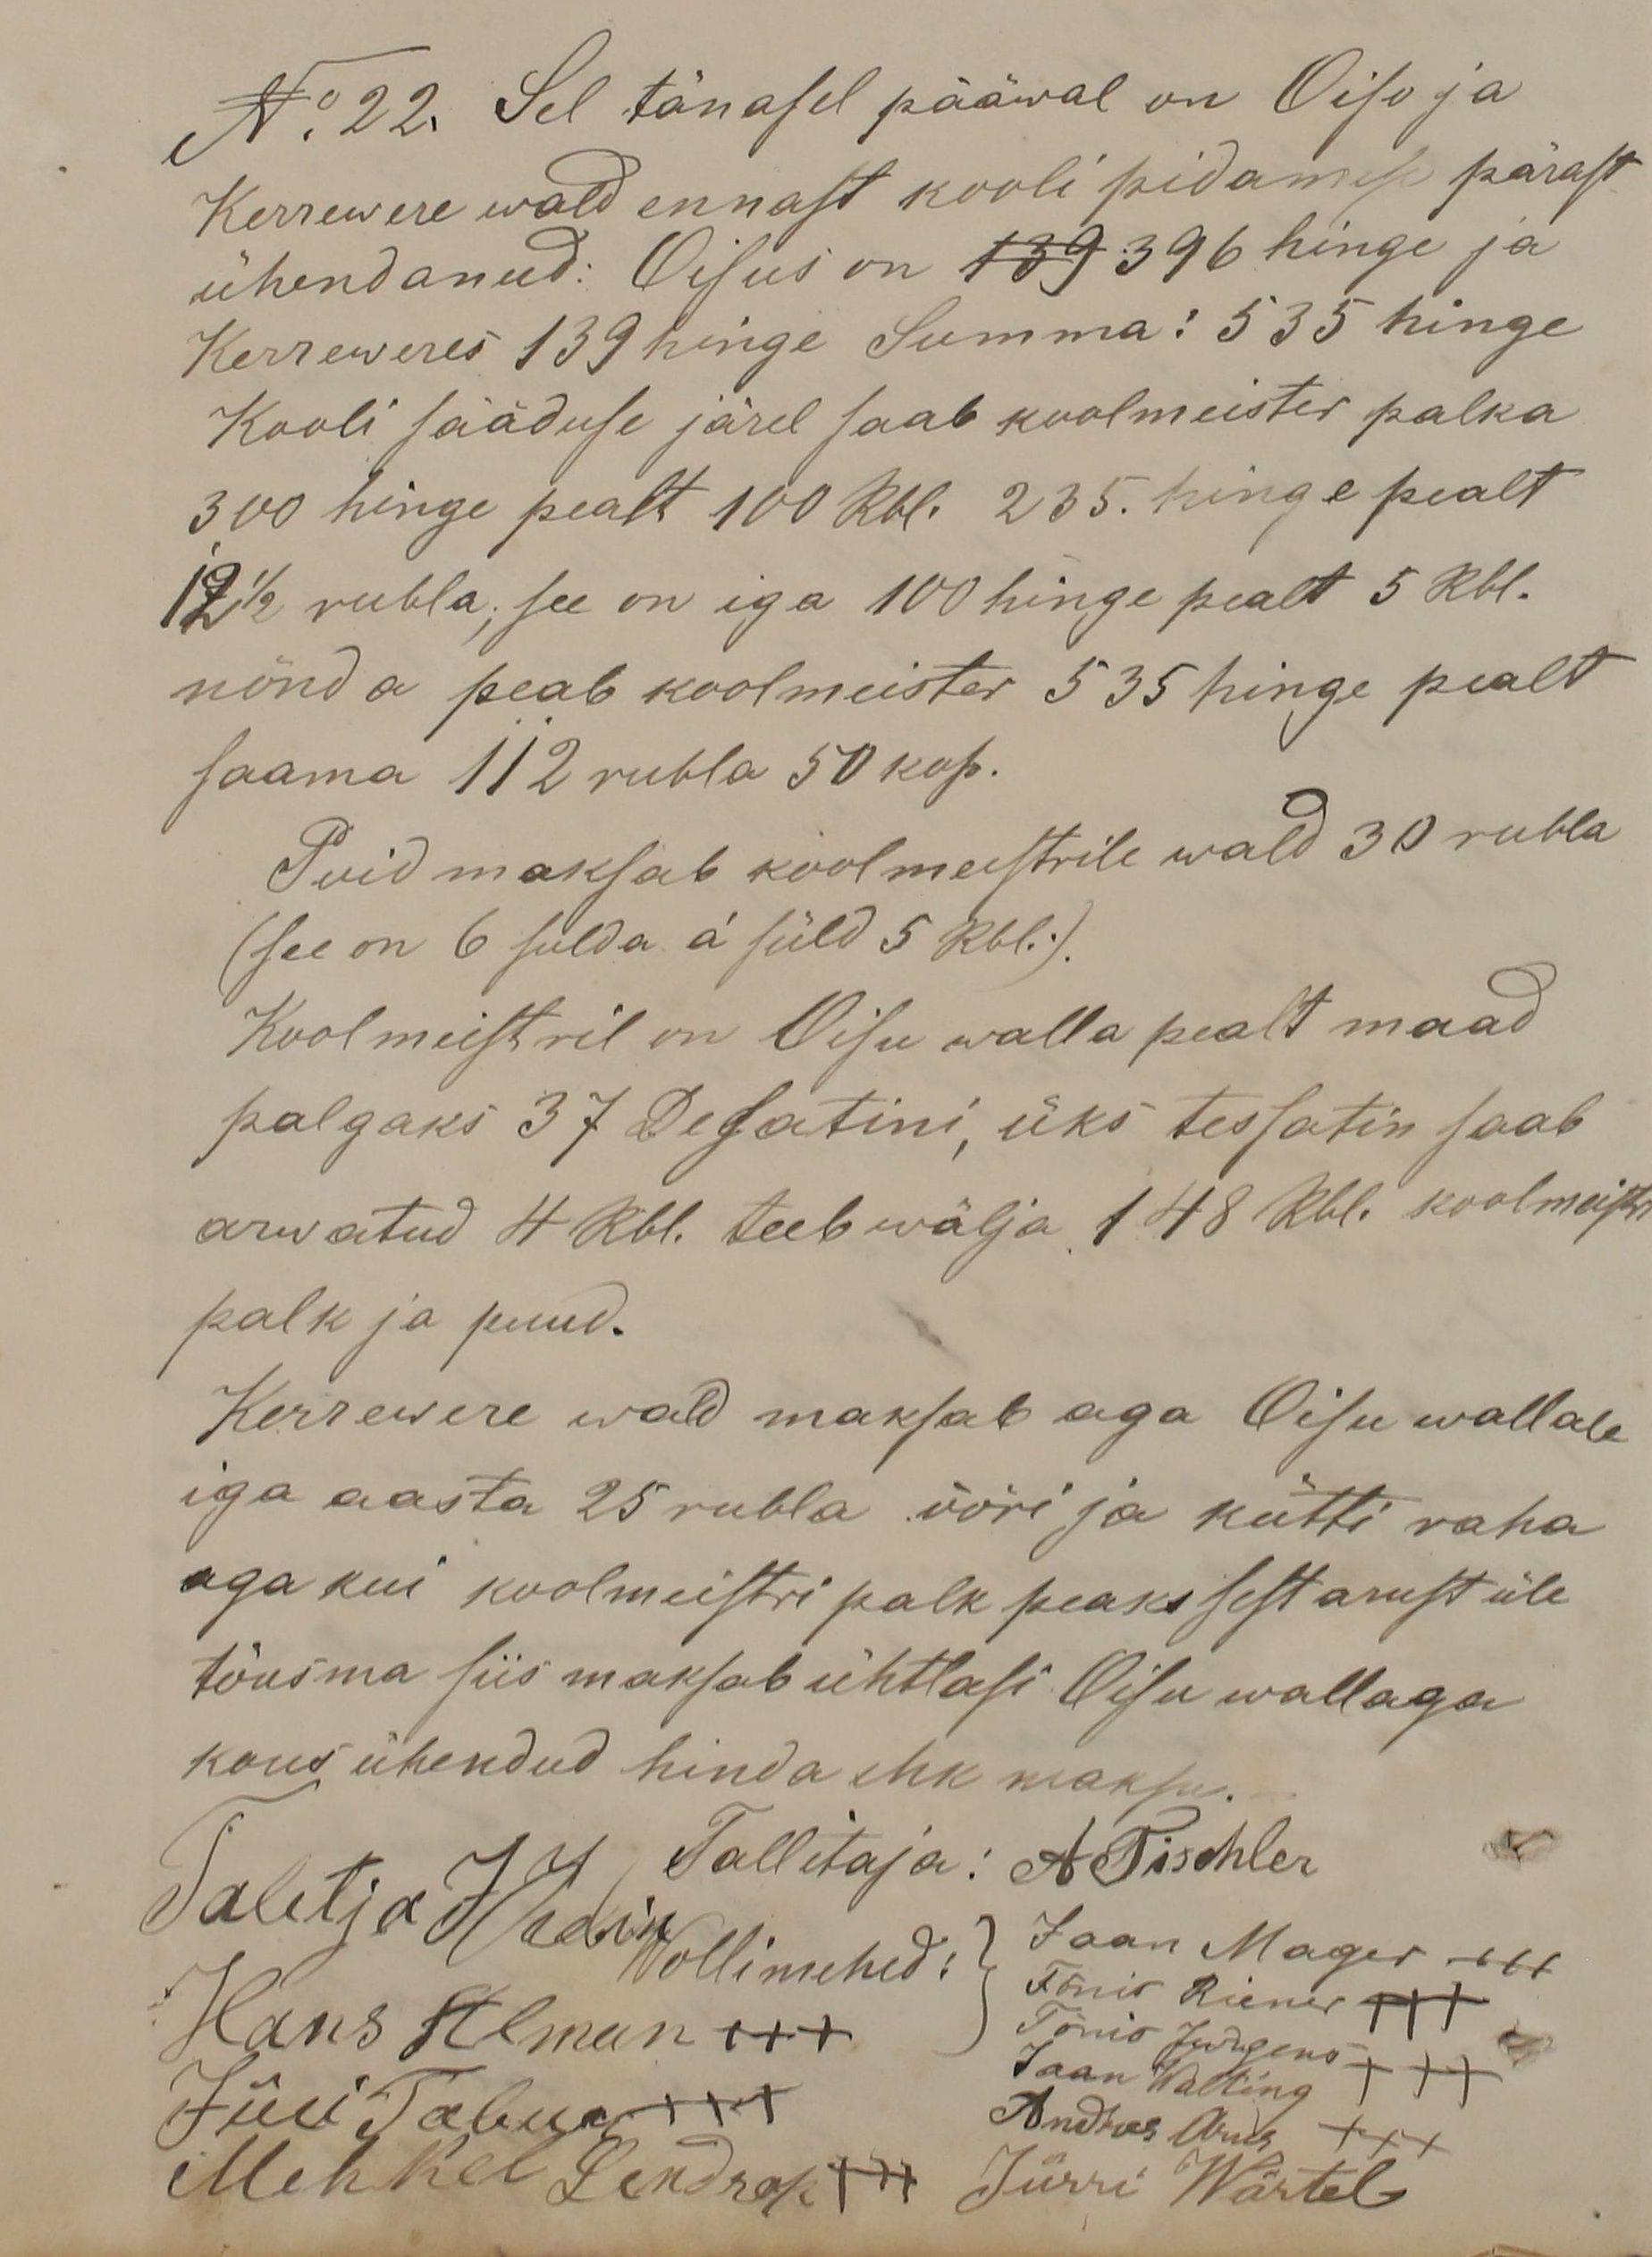 Oisu ja Kärevere vallad Järvamaal otsustasid oma kooliasjad ühendada ning Oisu vallavalitsuse protokolliraamatus on 1885/1886 aasta vahetuse aegu kirja pandud, mida vald ühisele koolmeistrile palgaks määras. RA, EAA.2898.1.1 l. 4p.